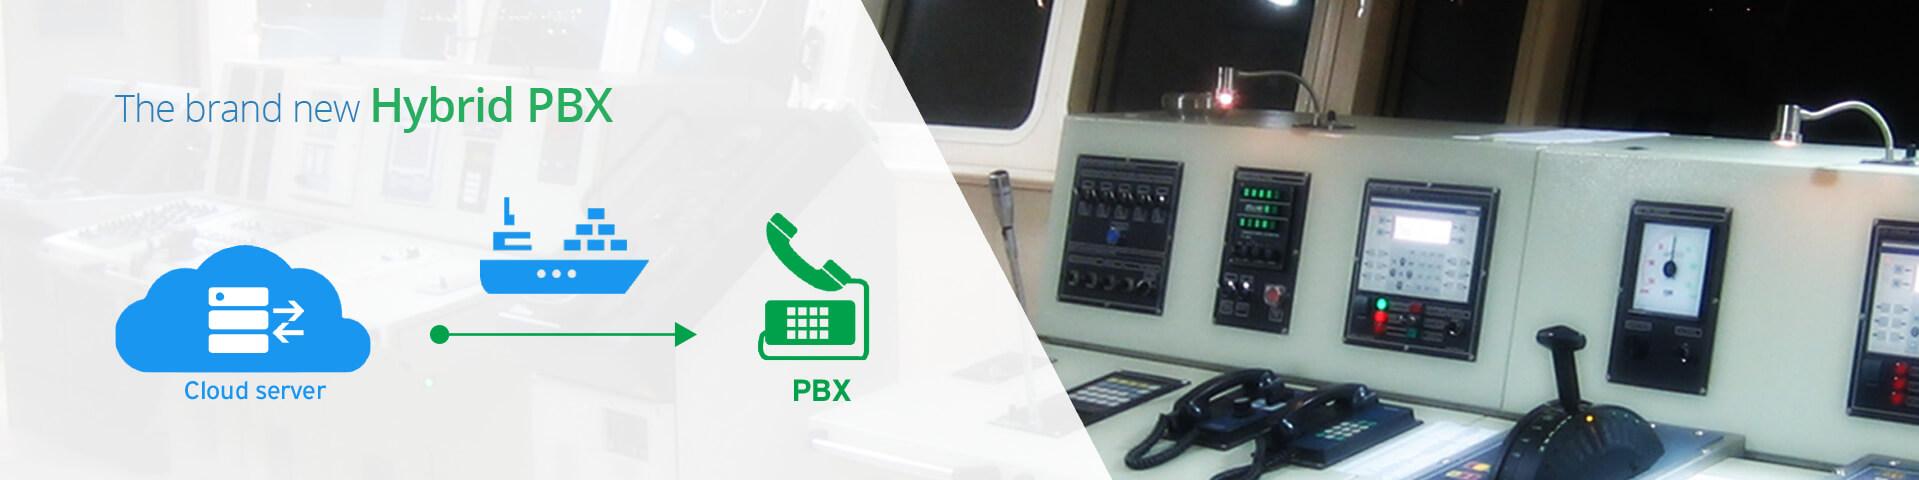 Hybrid PBX